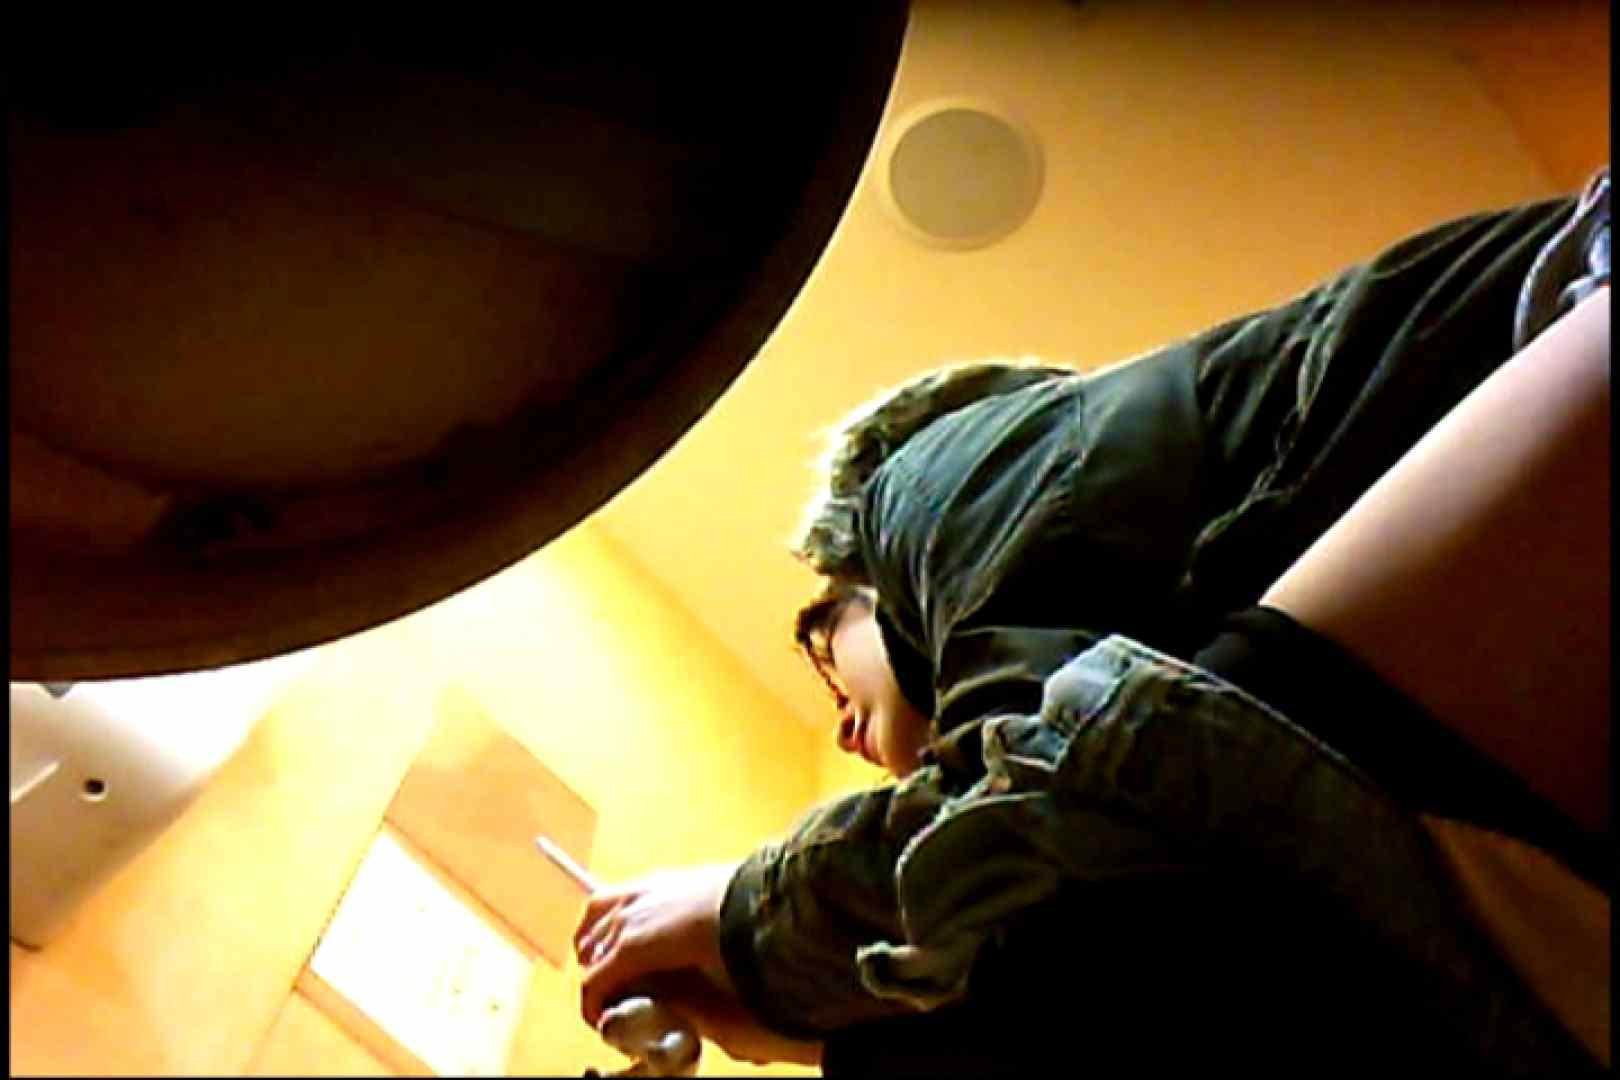 画質向上!新亀さん厠 vol.37 リアル黄金水 オメコ動画キャプチャ 85画像 65